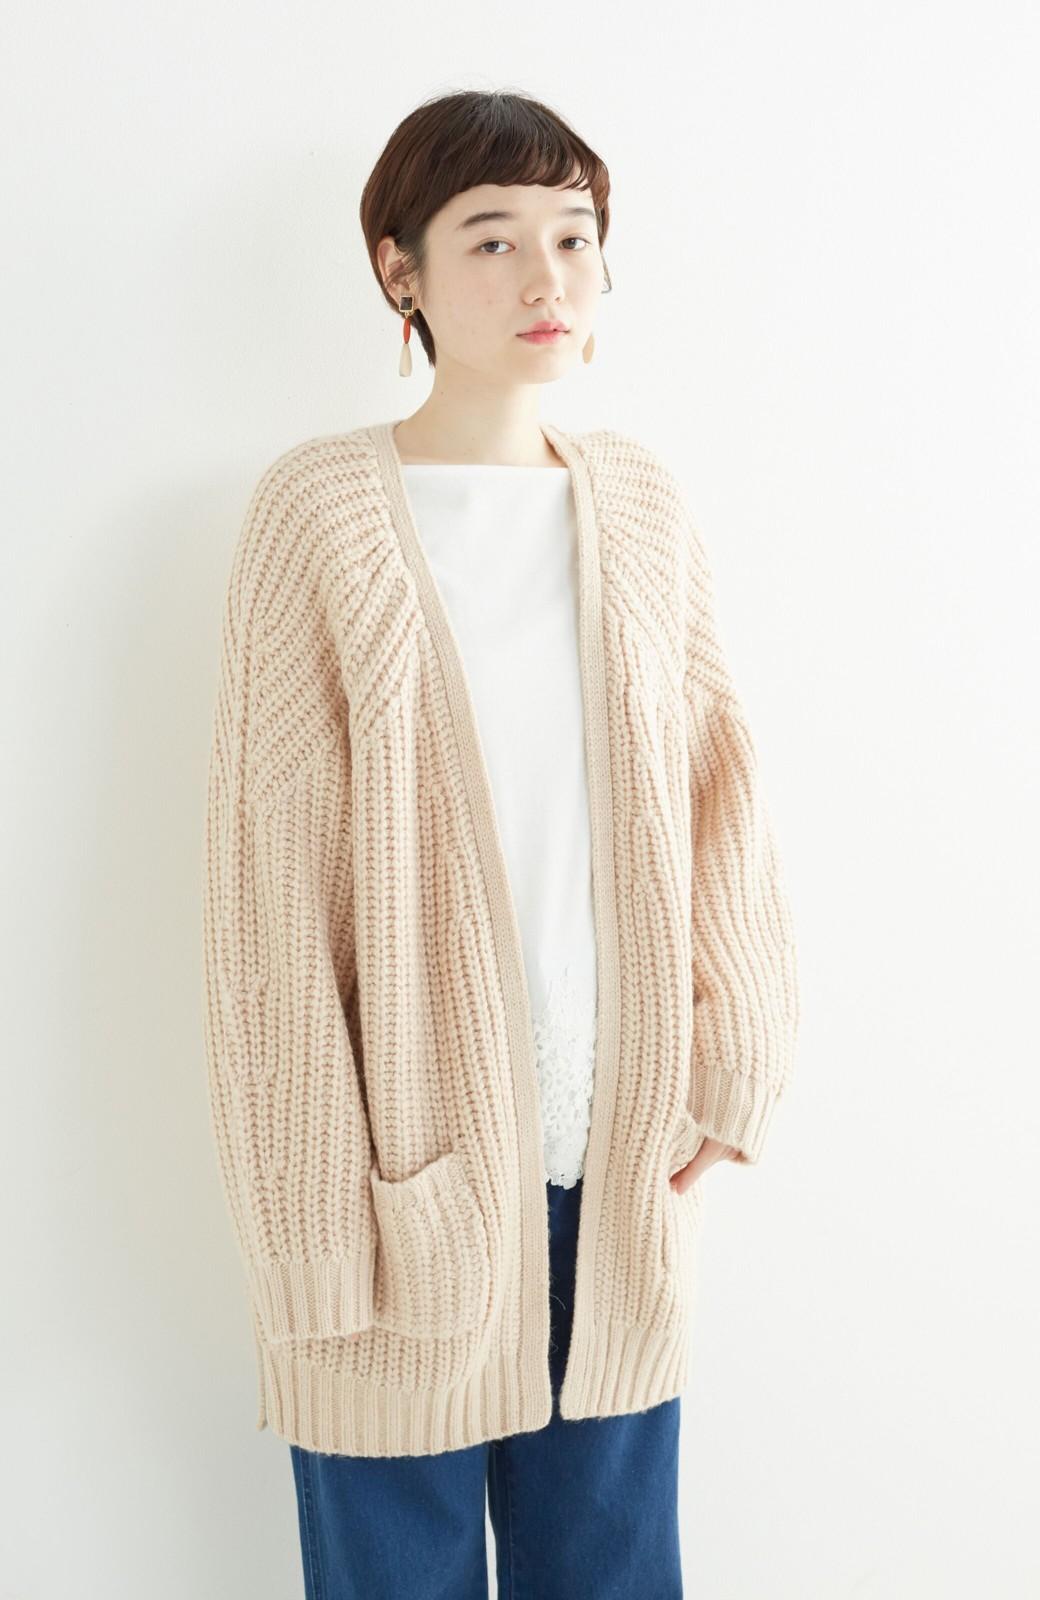 エムトロワ ぱっと羽織るのに便利なざっくり編みカーディガン <ライトベージュ>の商品写真1